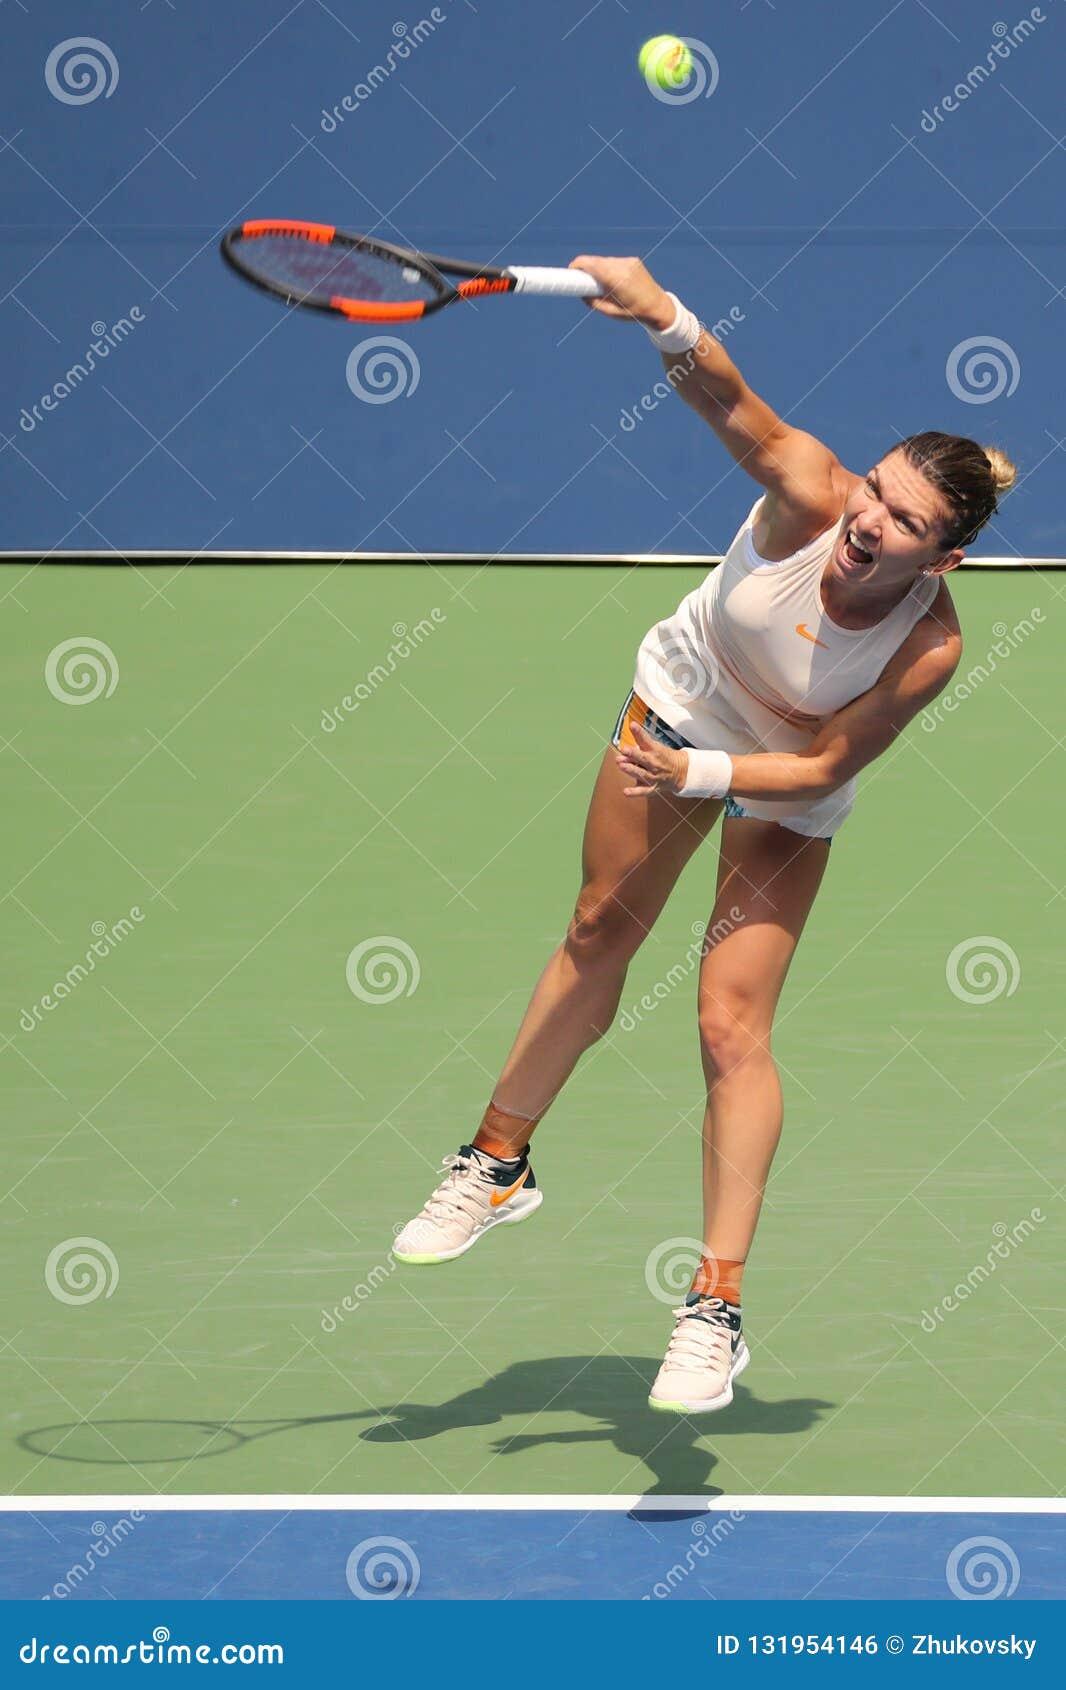 Grand Slam-Kampioen Simona Halep van Roemenië in actie tijdens haar het US Open eerste ronde gelijke van 2018